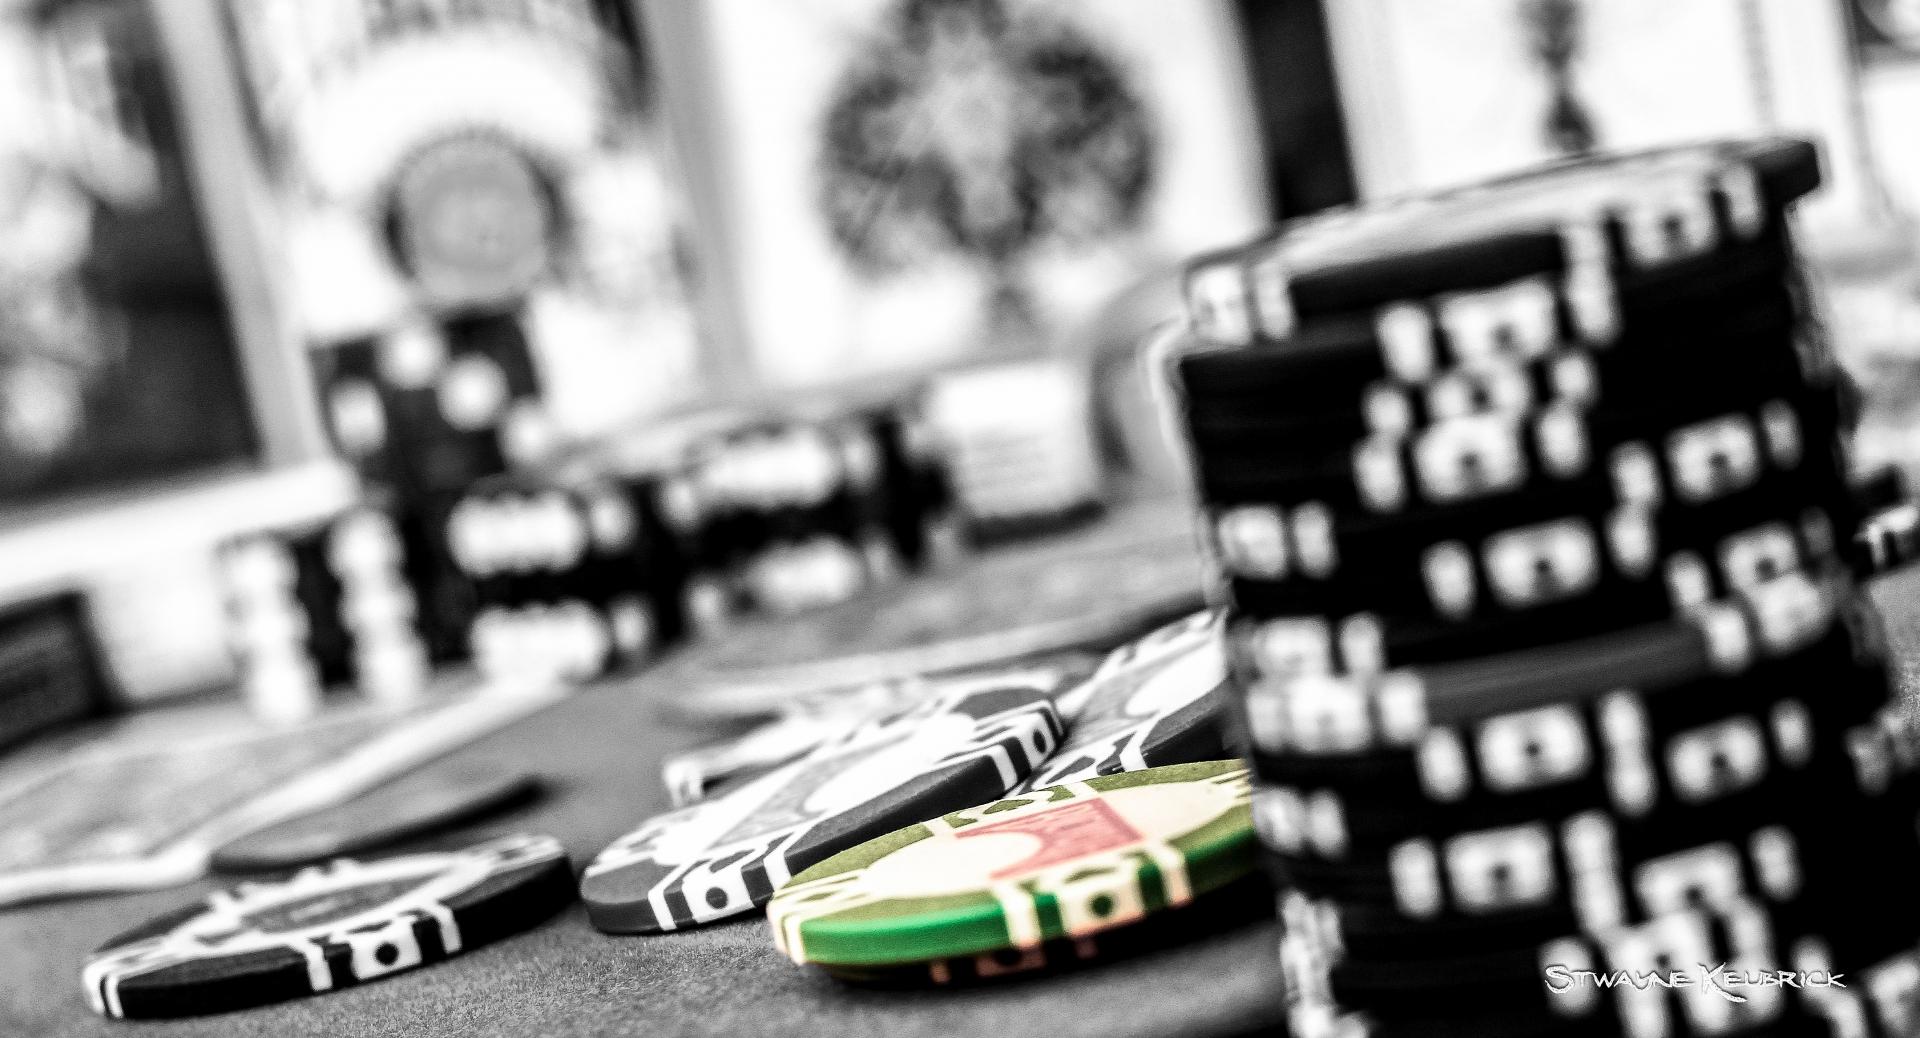 Poker chips - 25260